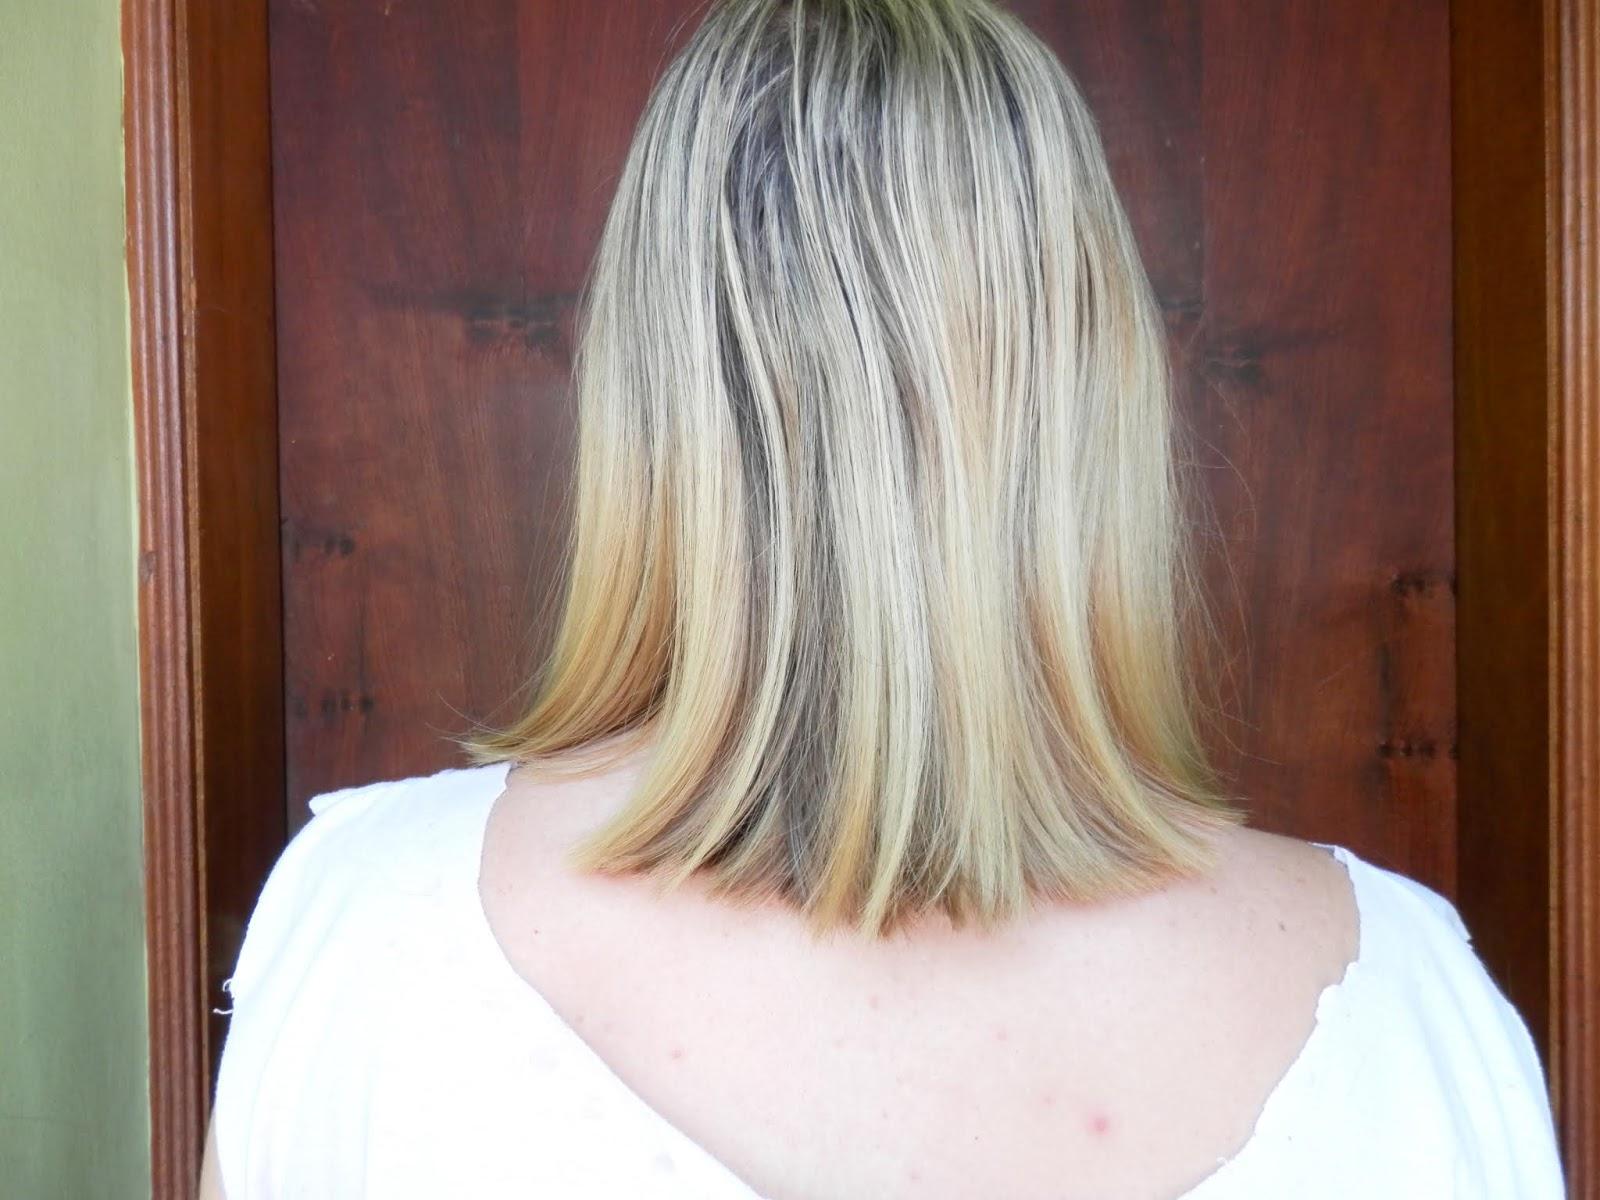 resultado cabelo com Blondme Shine Elixir da Schwarzkopf